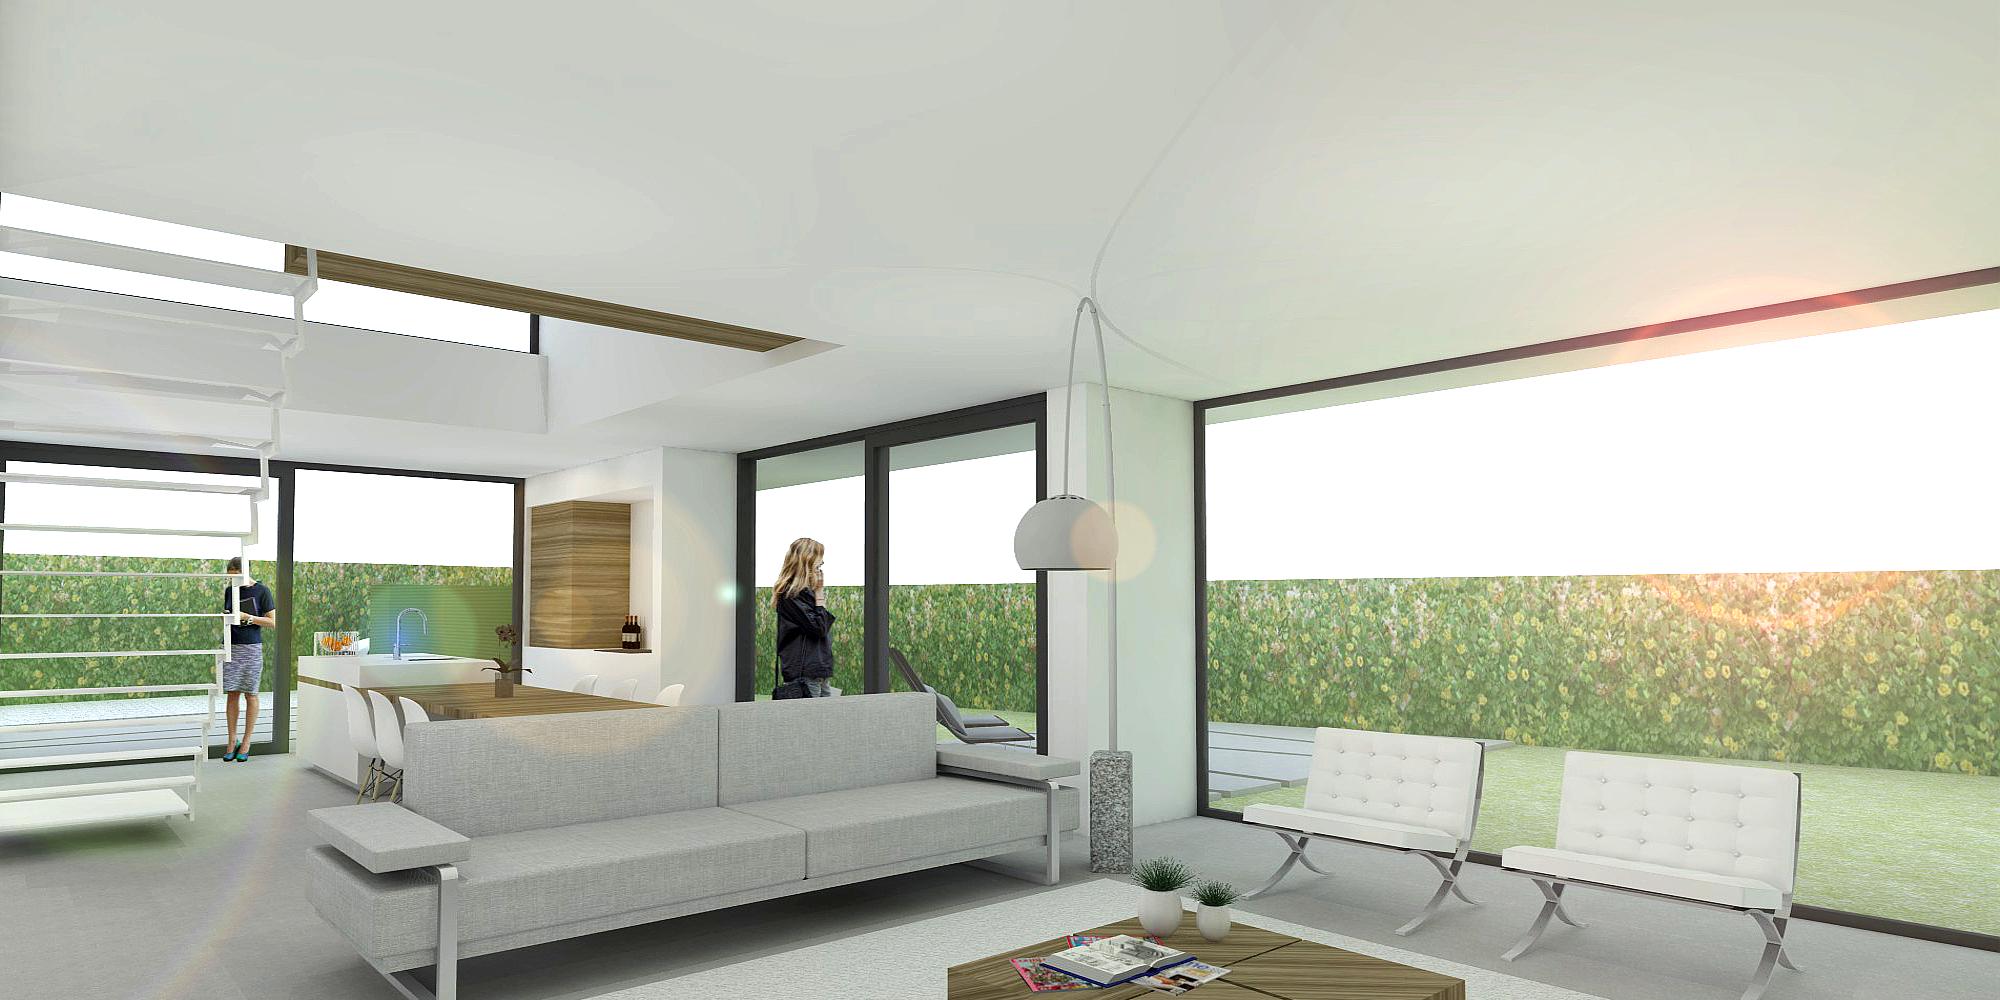 wonen HG | in de rij (3D)